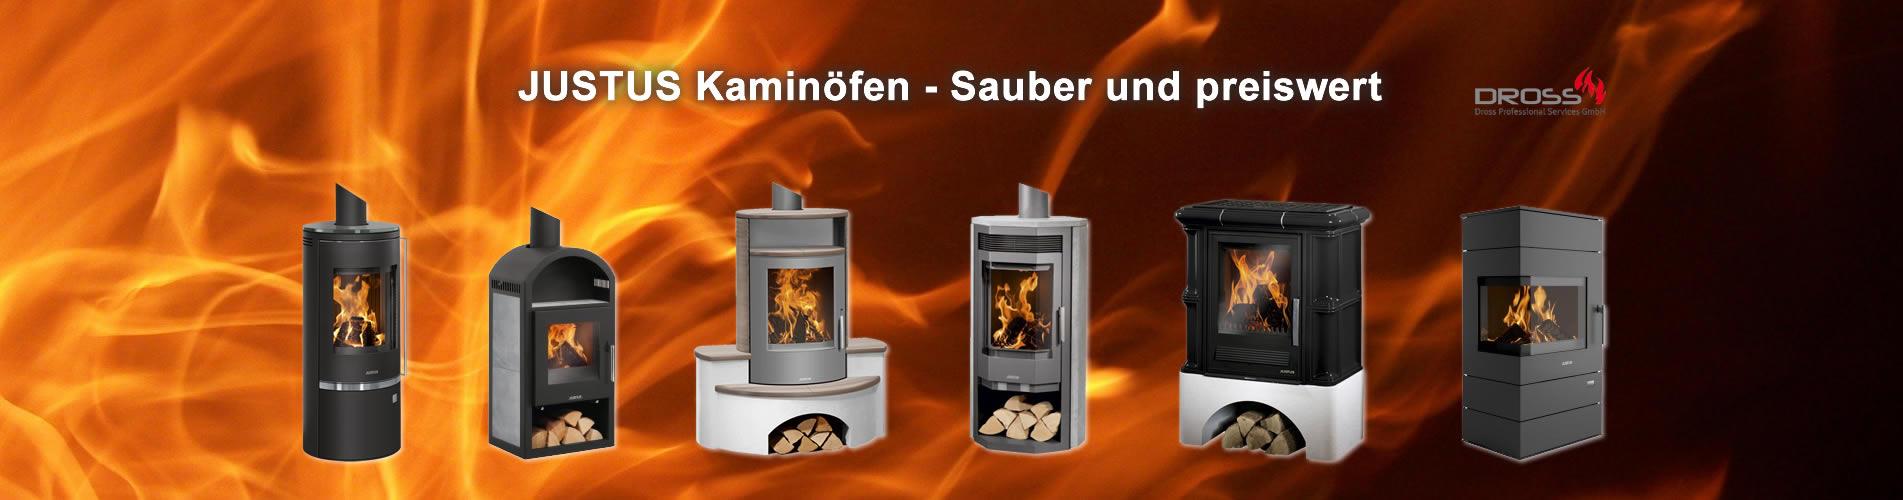 JUSTUS Kaminöfen - Sauber und preiswert